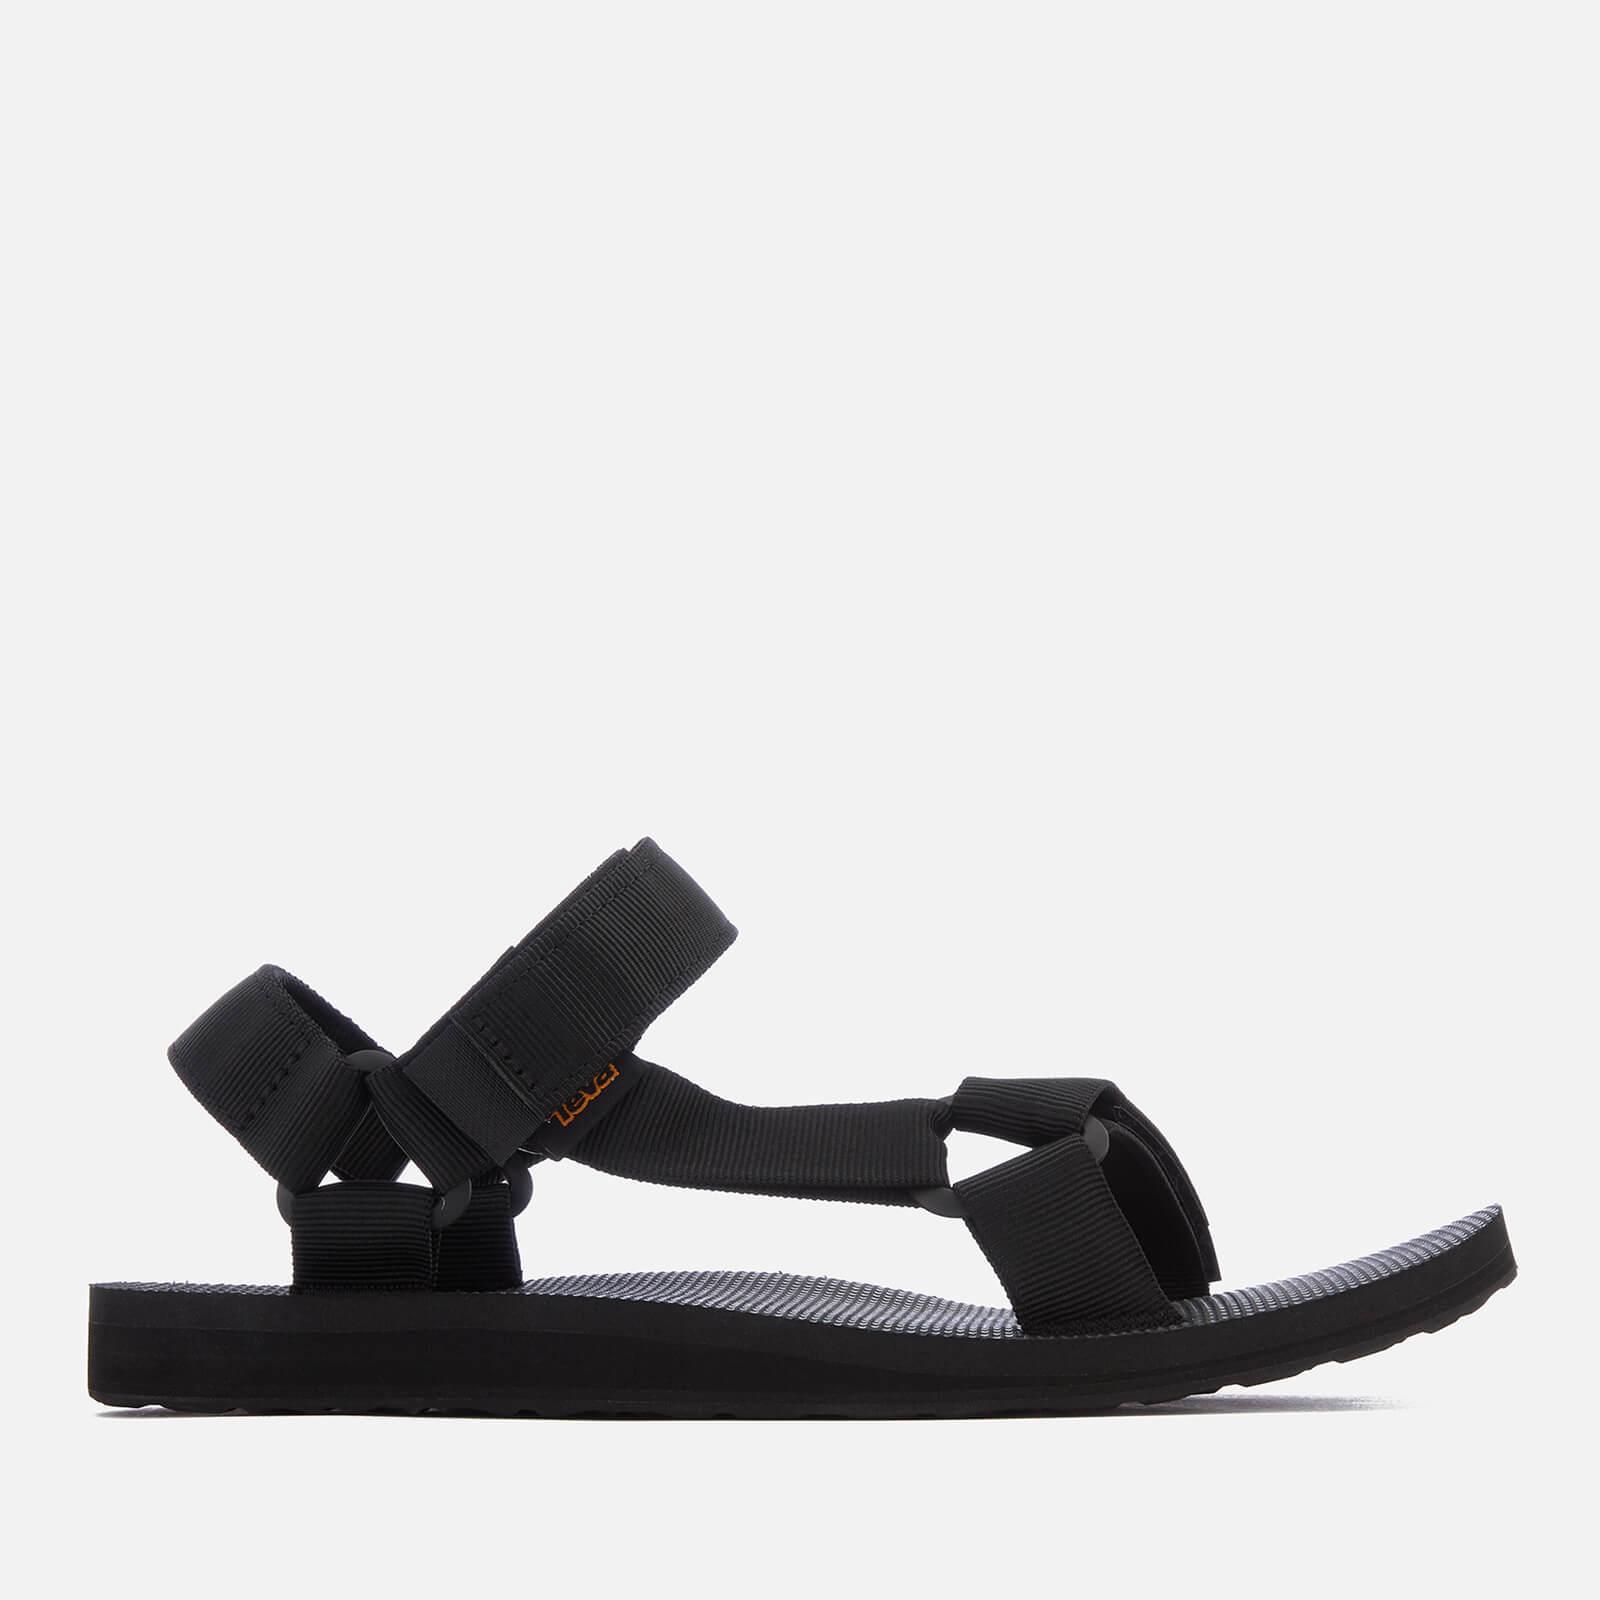 Teva Men's Original Universal Urban Sport Sandals - Black - UK 10